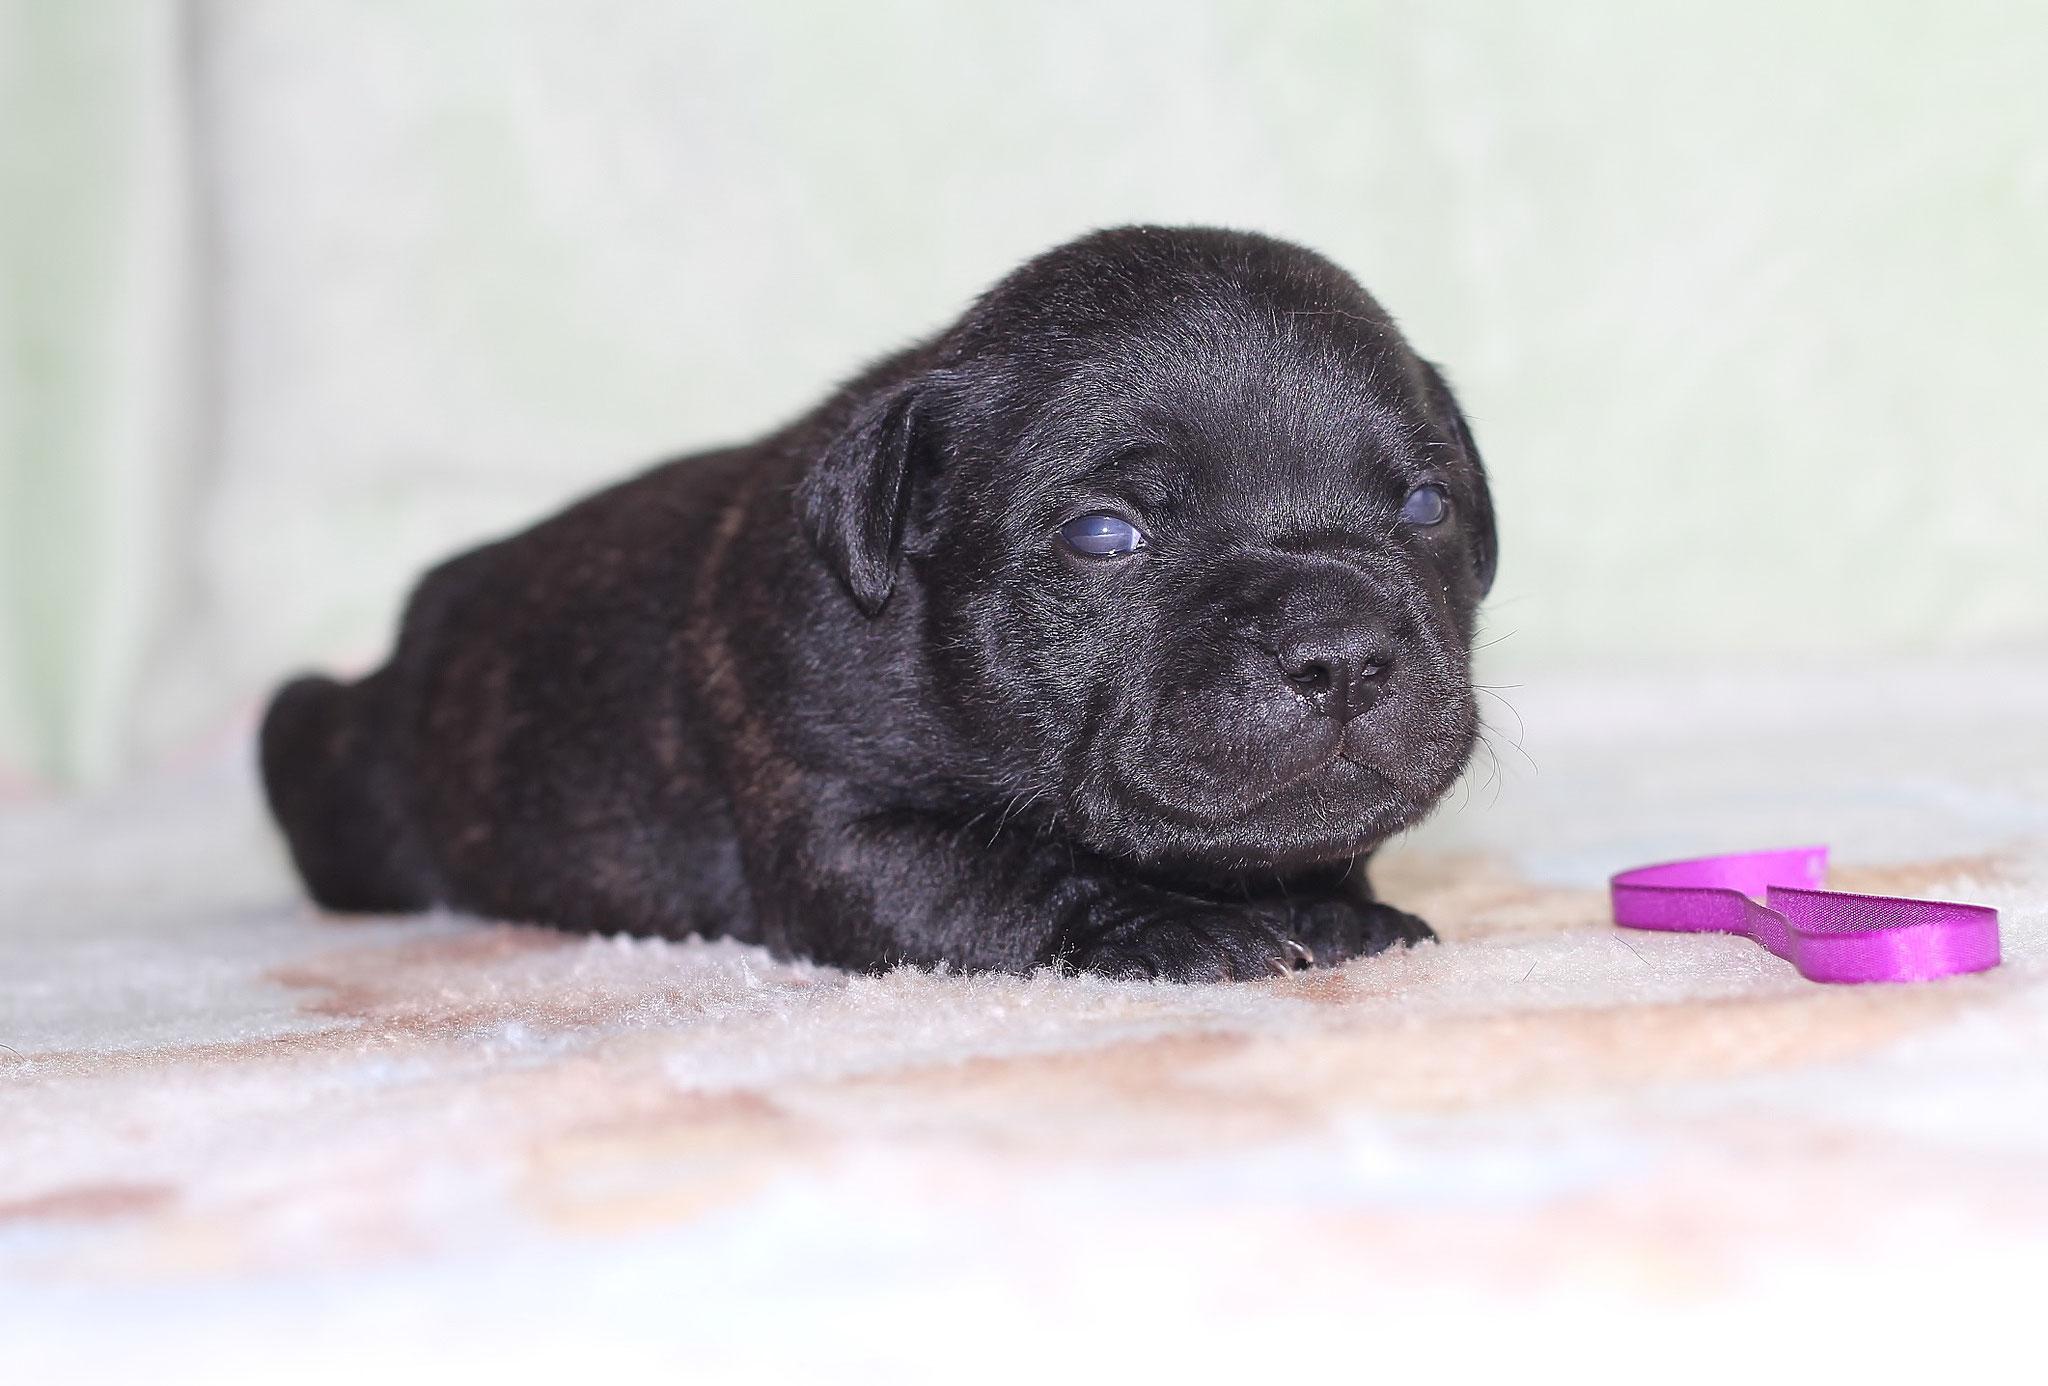 purple boy 14 days old